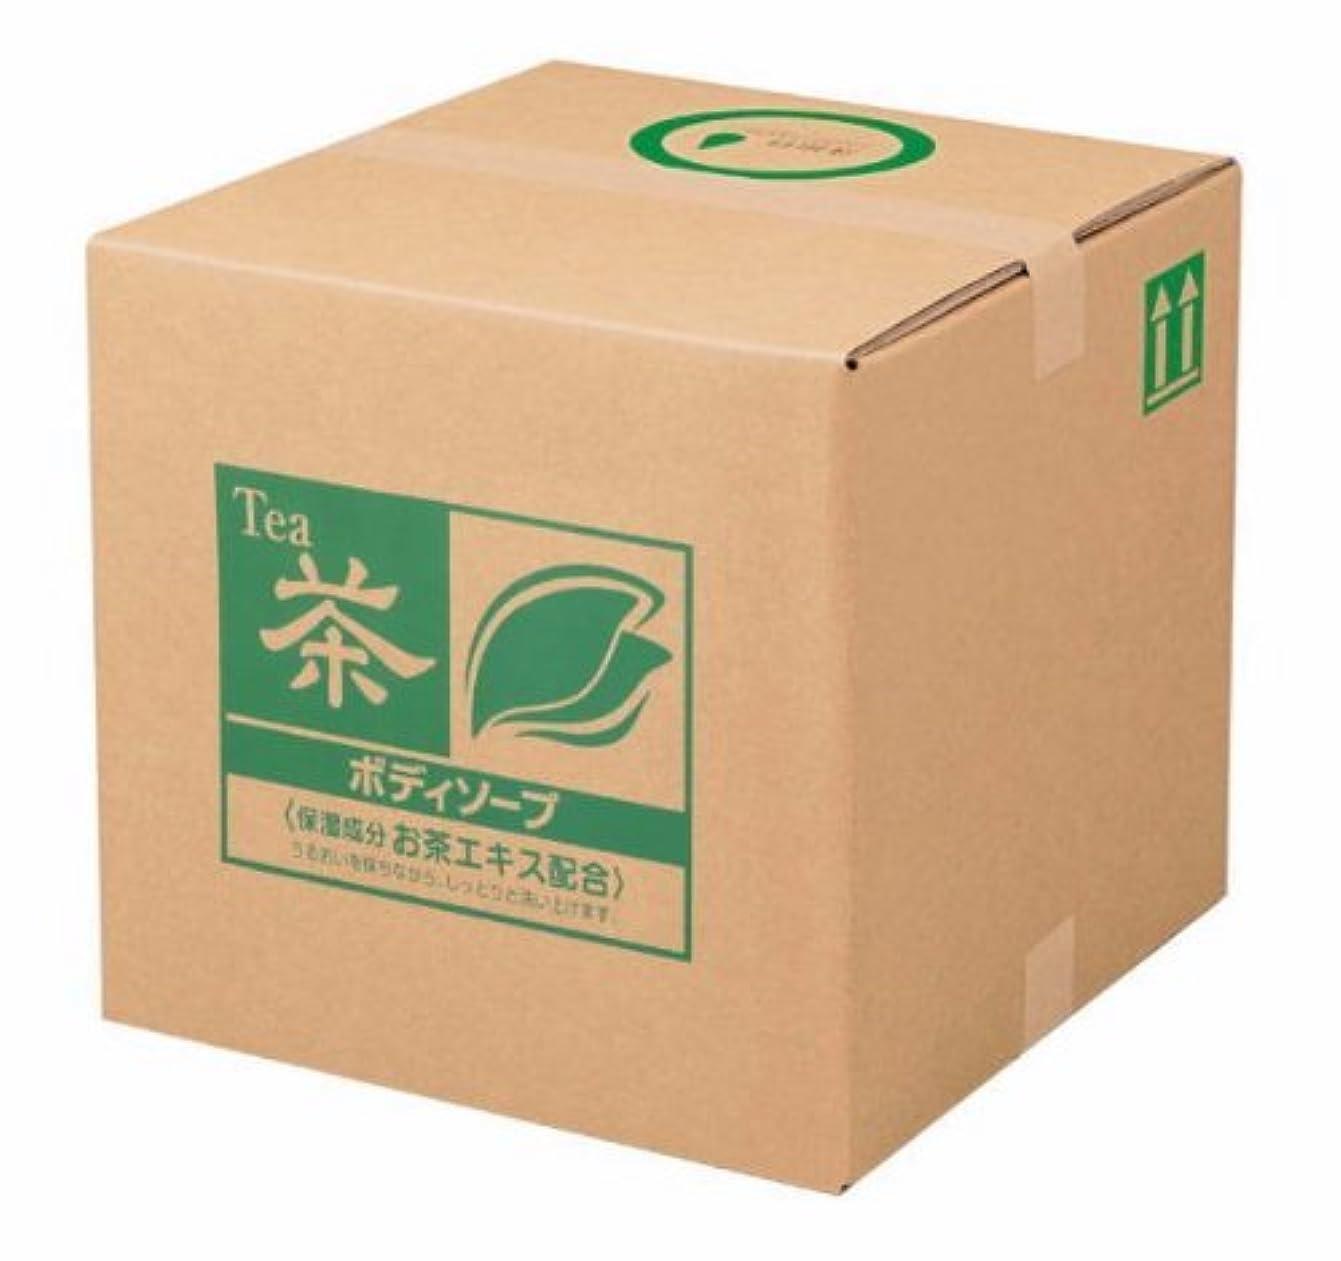 マトロン団結する読書熊野油脂 業務用 SCRITT(スクリット) お茶ボディソープ 18L